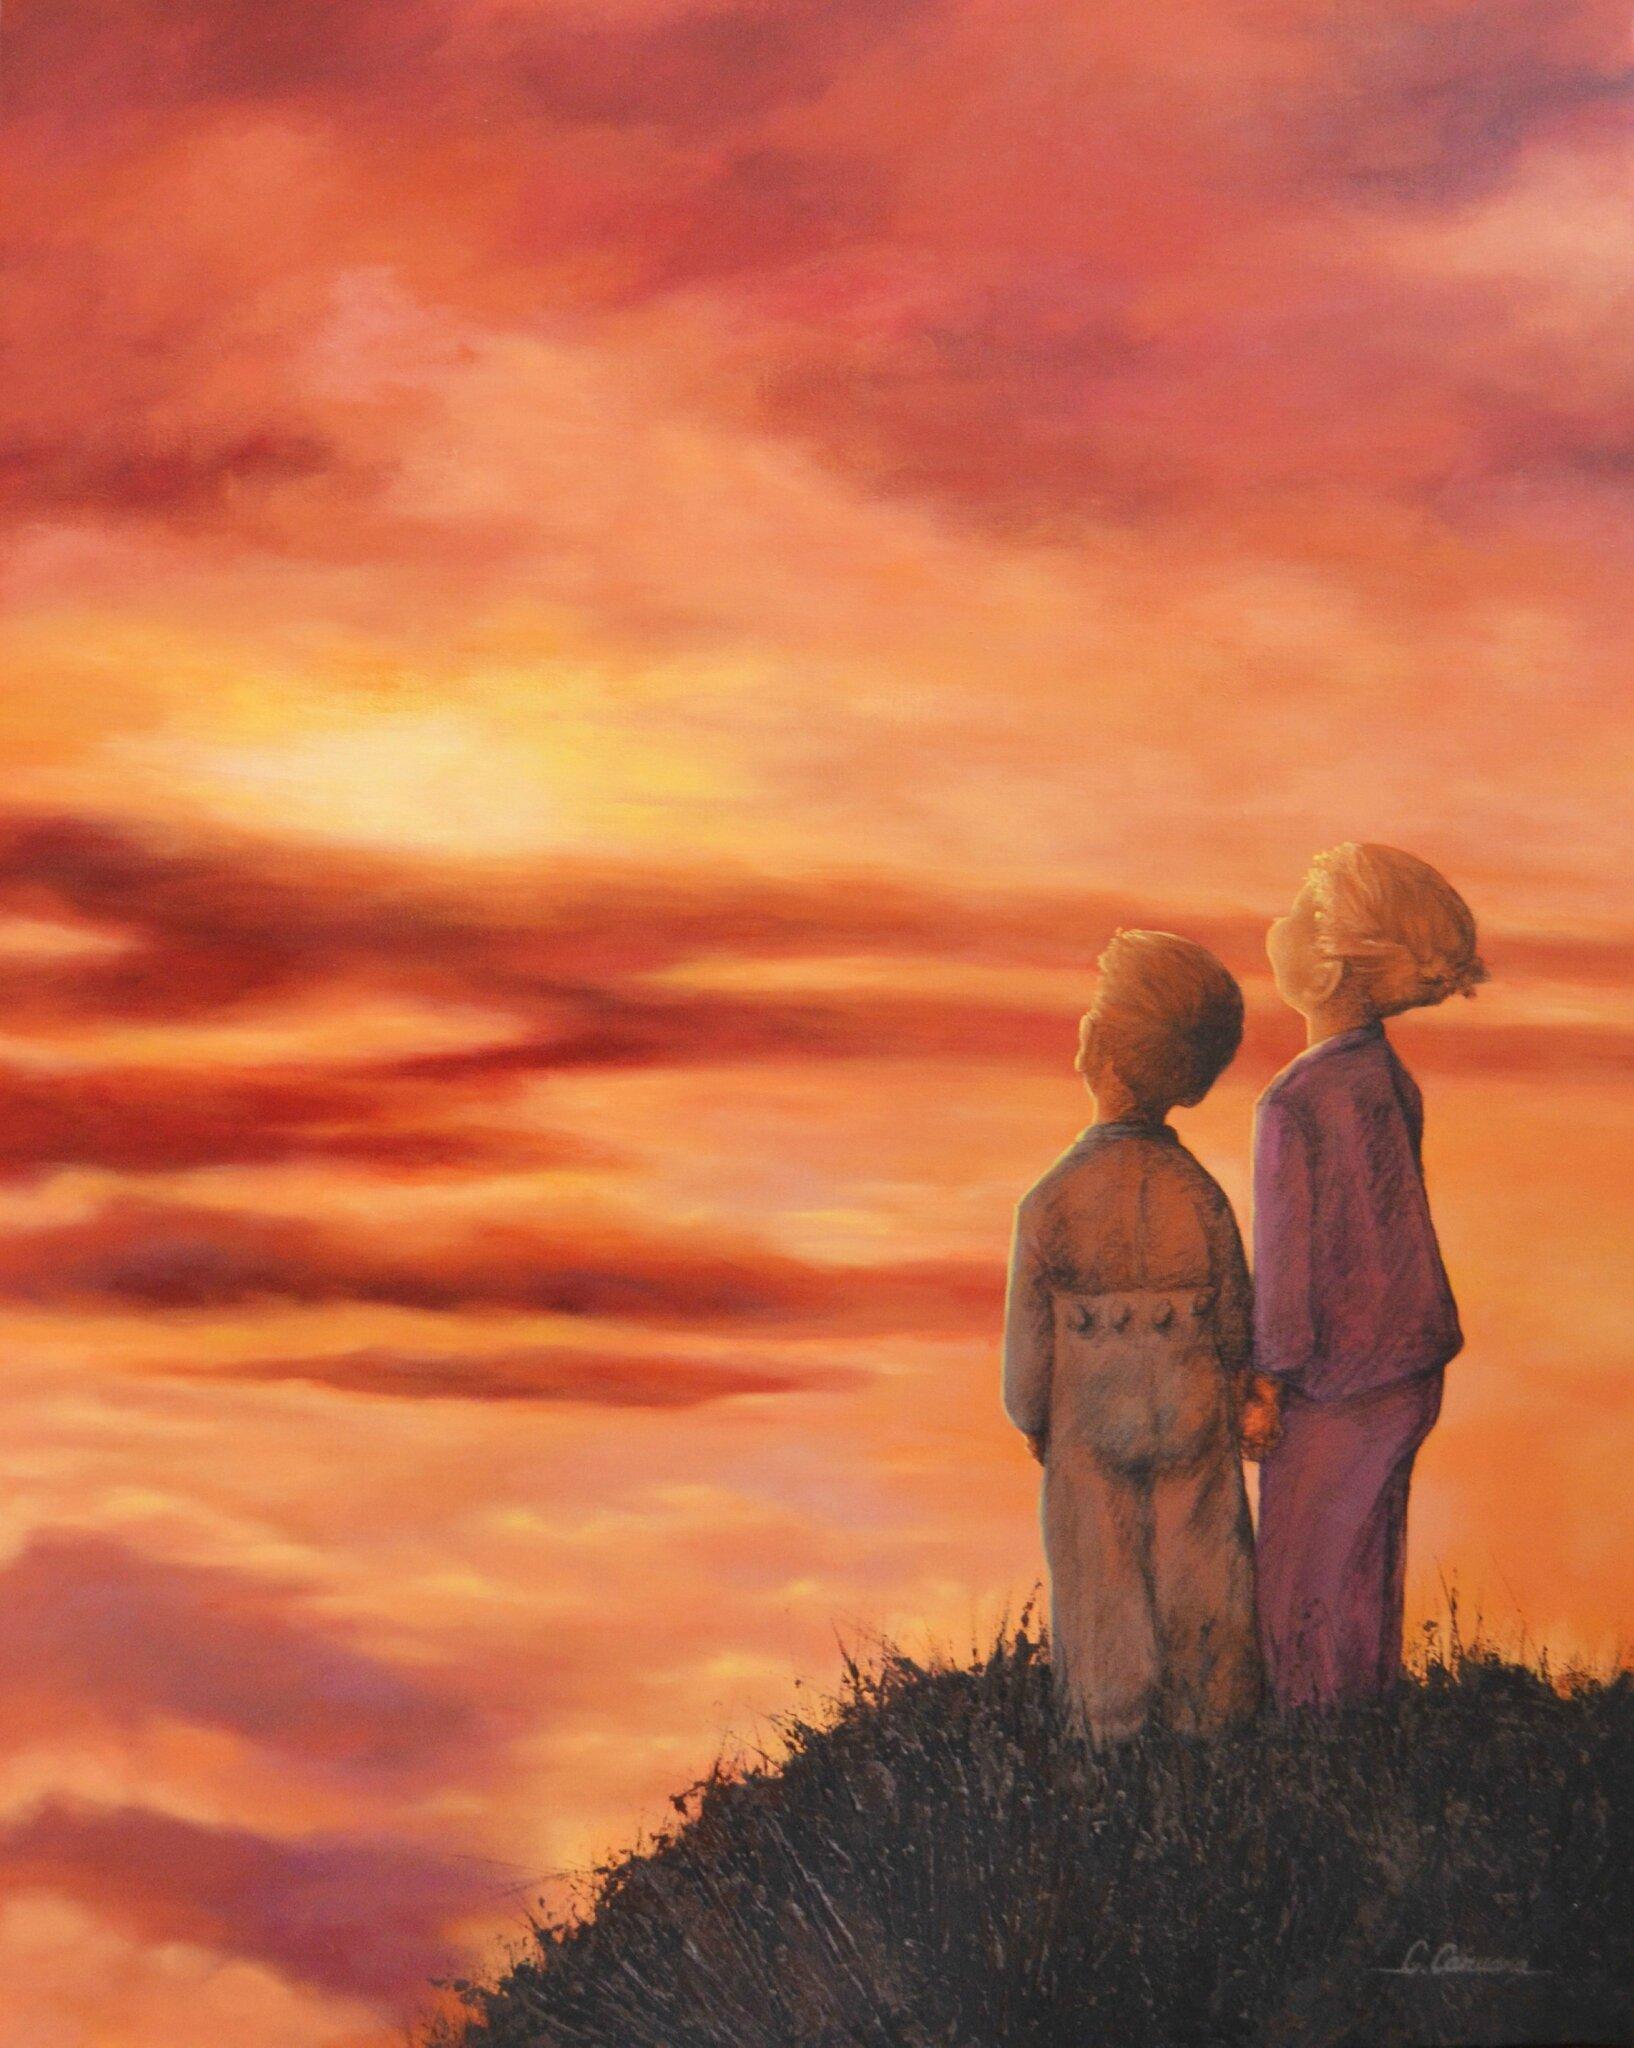 C'est ensemble que l'on rêve - Acrylique sur toile - 81x65cm - Disponible